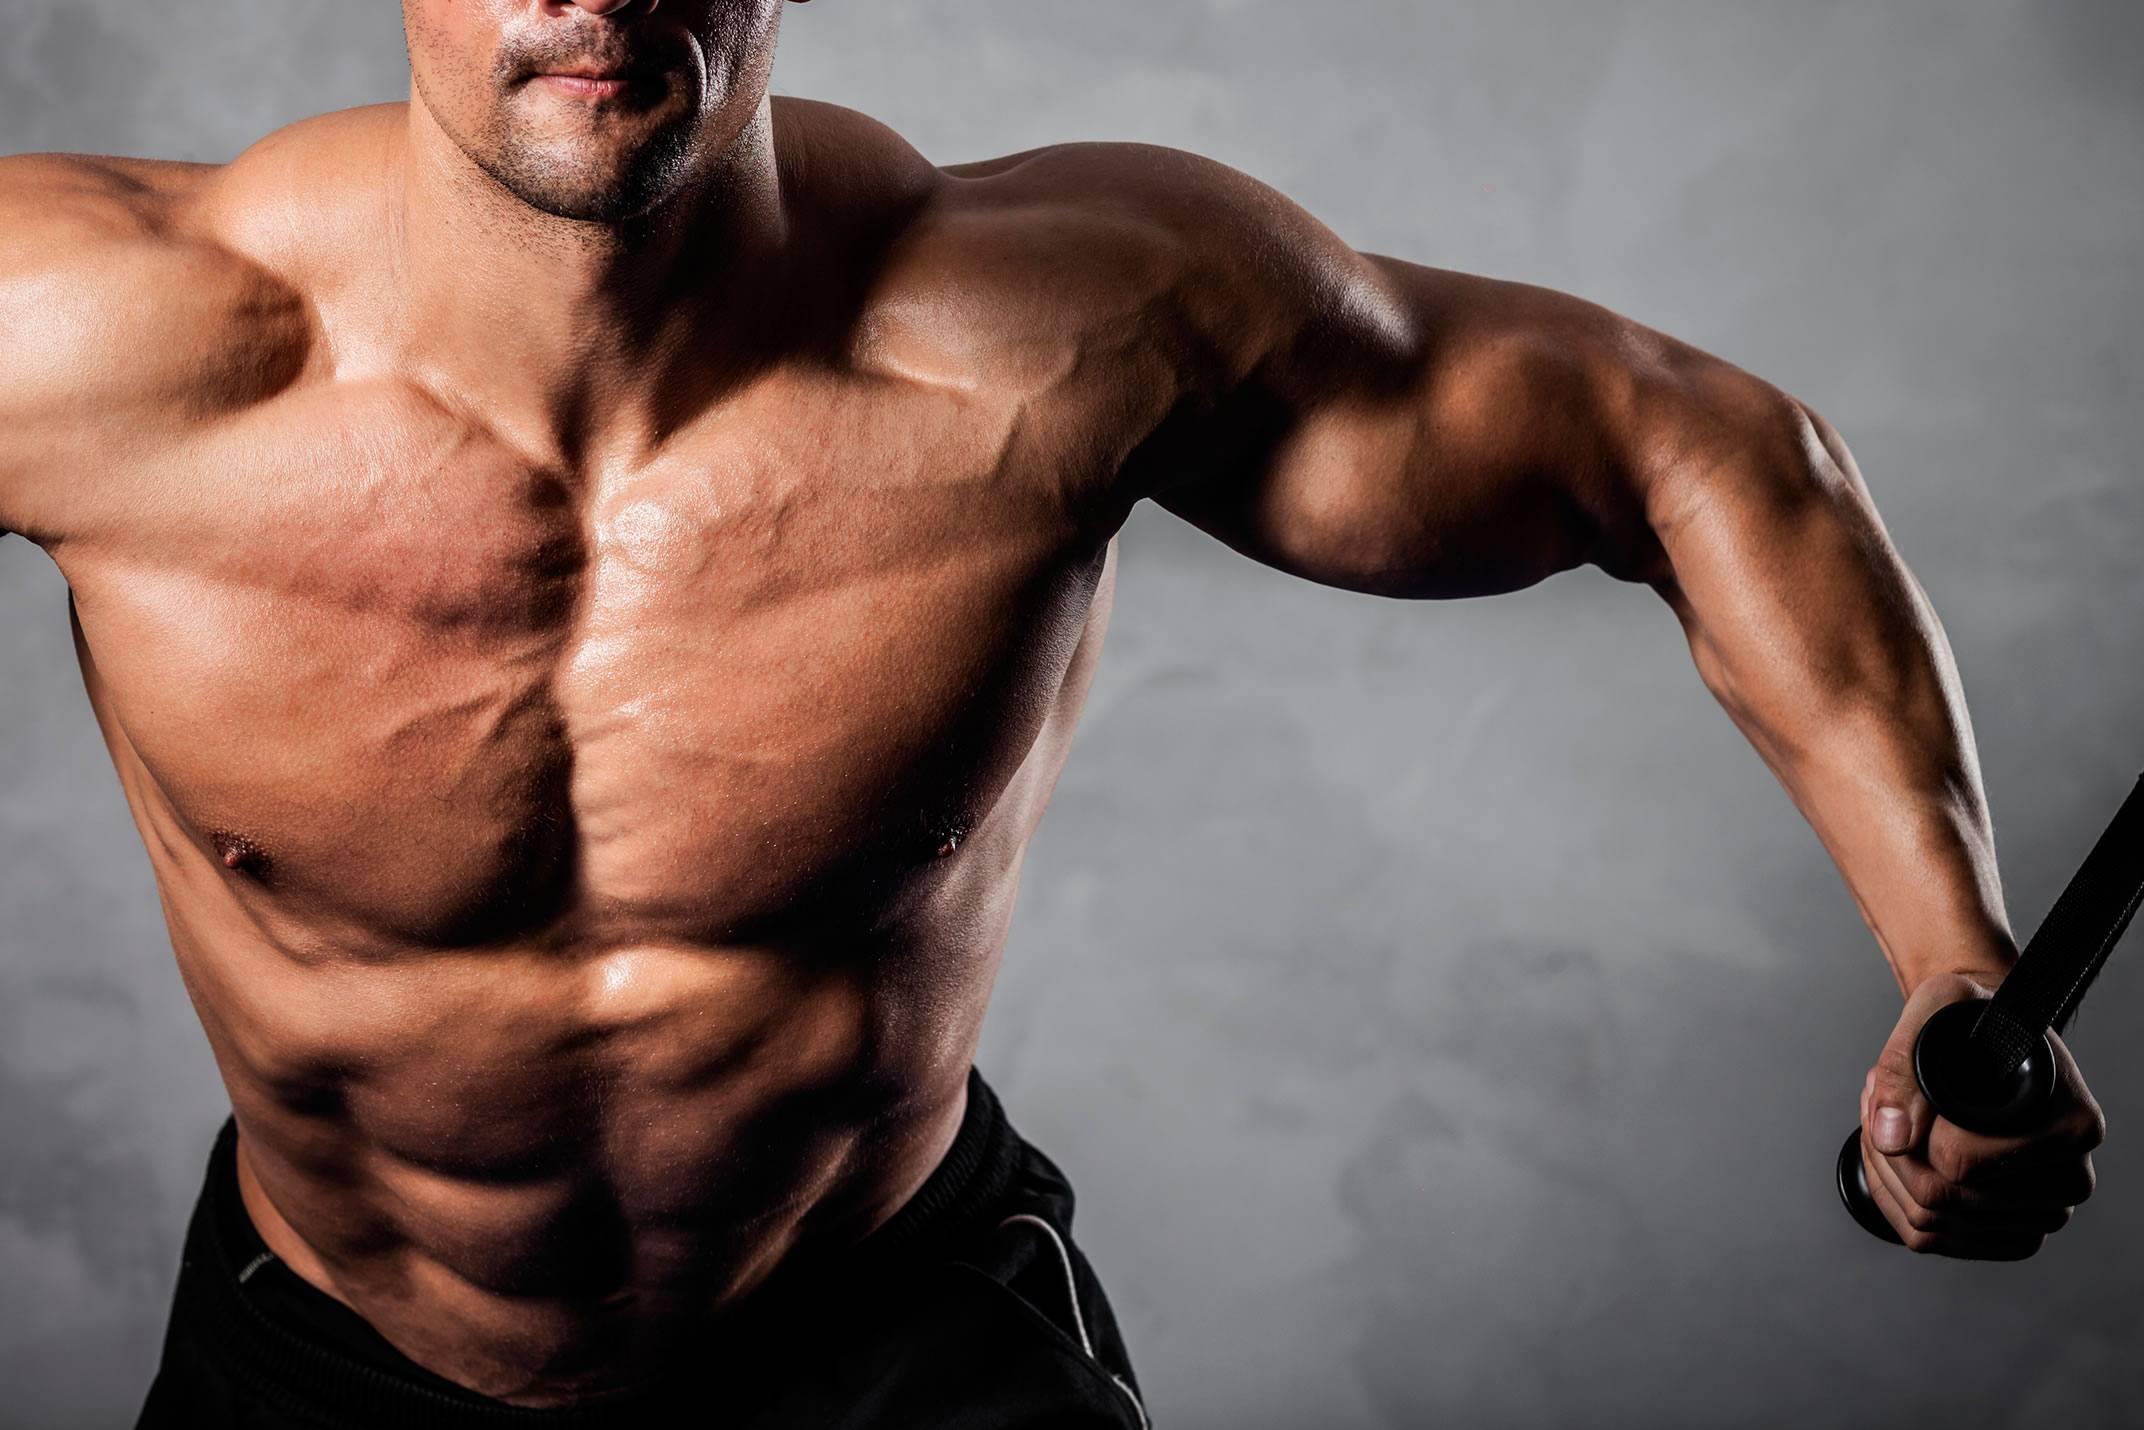 Suplementação de Glutationa nos Exercícios Físicos Aumenta o Desempenho e Reduz a Fadiga Muscular